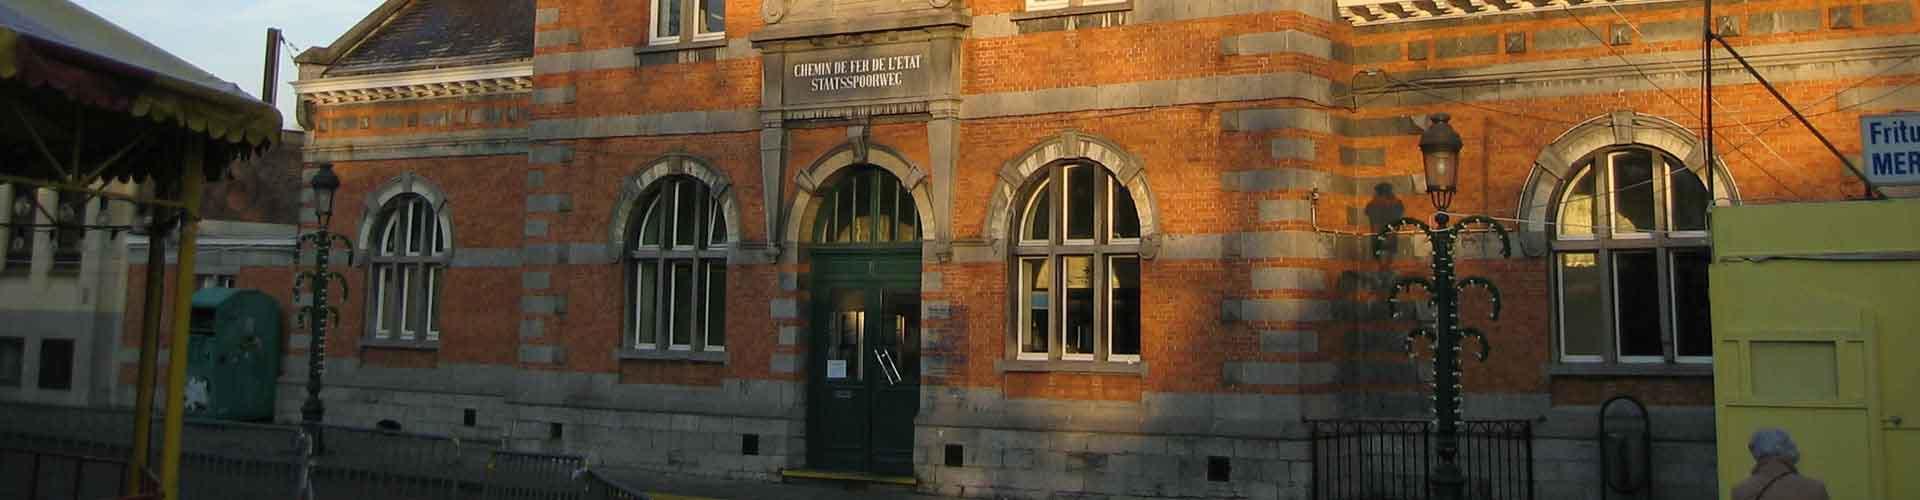 Bruxelles - Auberges de jeunesse dans le quartier de Jette. Cartes pour Bruxelles, photos et commentaires pour chaque auberge de jeunesse à Bruxelles.